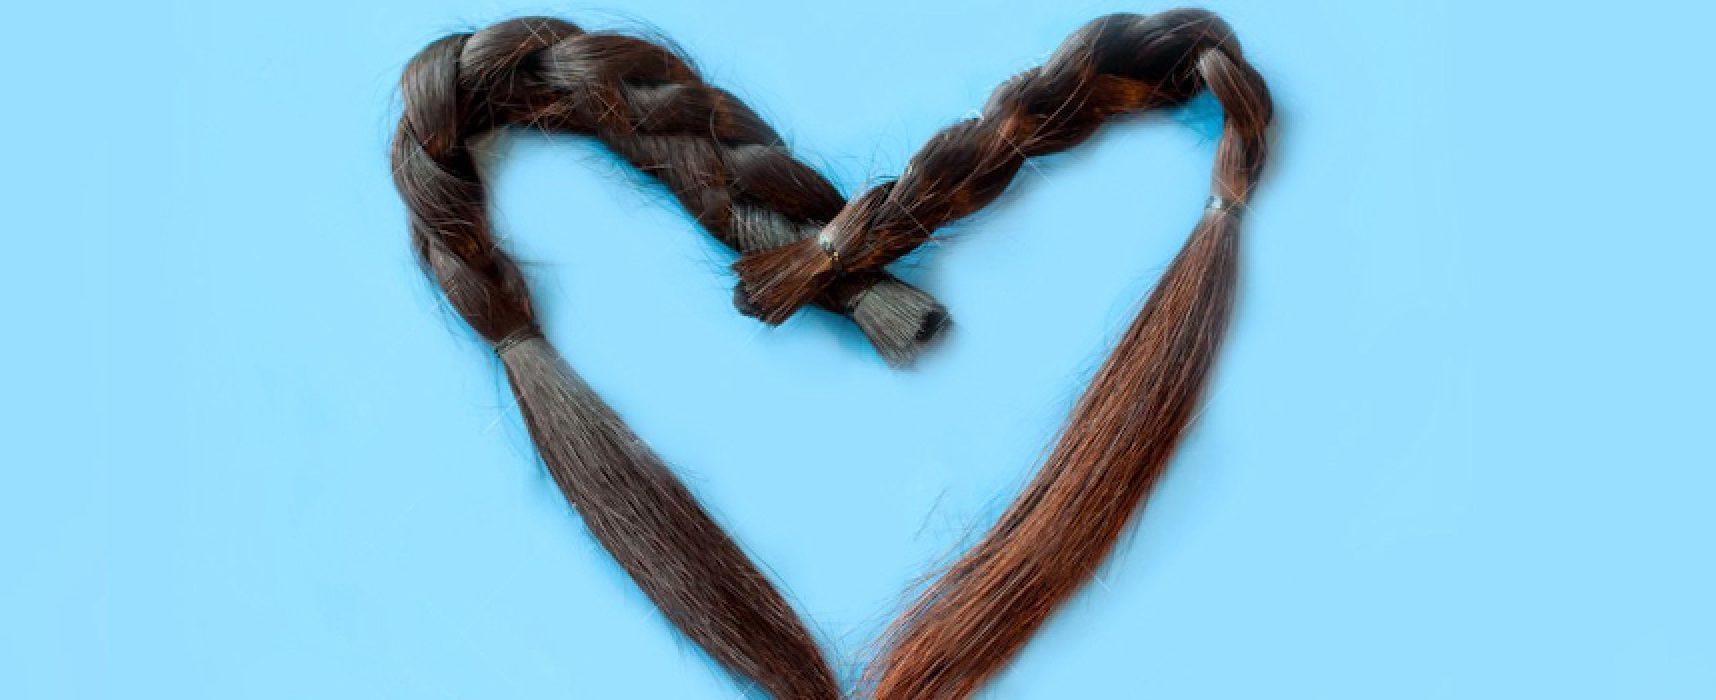 Associazione Acconciatori Biscegliesi e Ant insieme per raccolta di capelli per malati oncologici